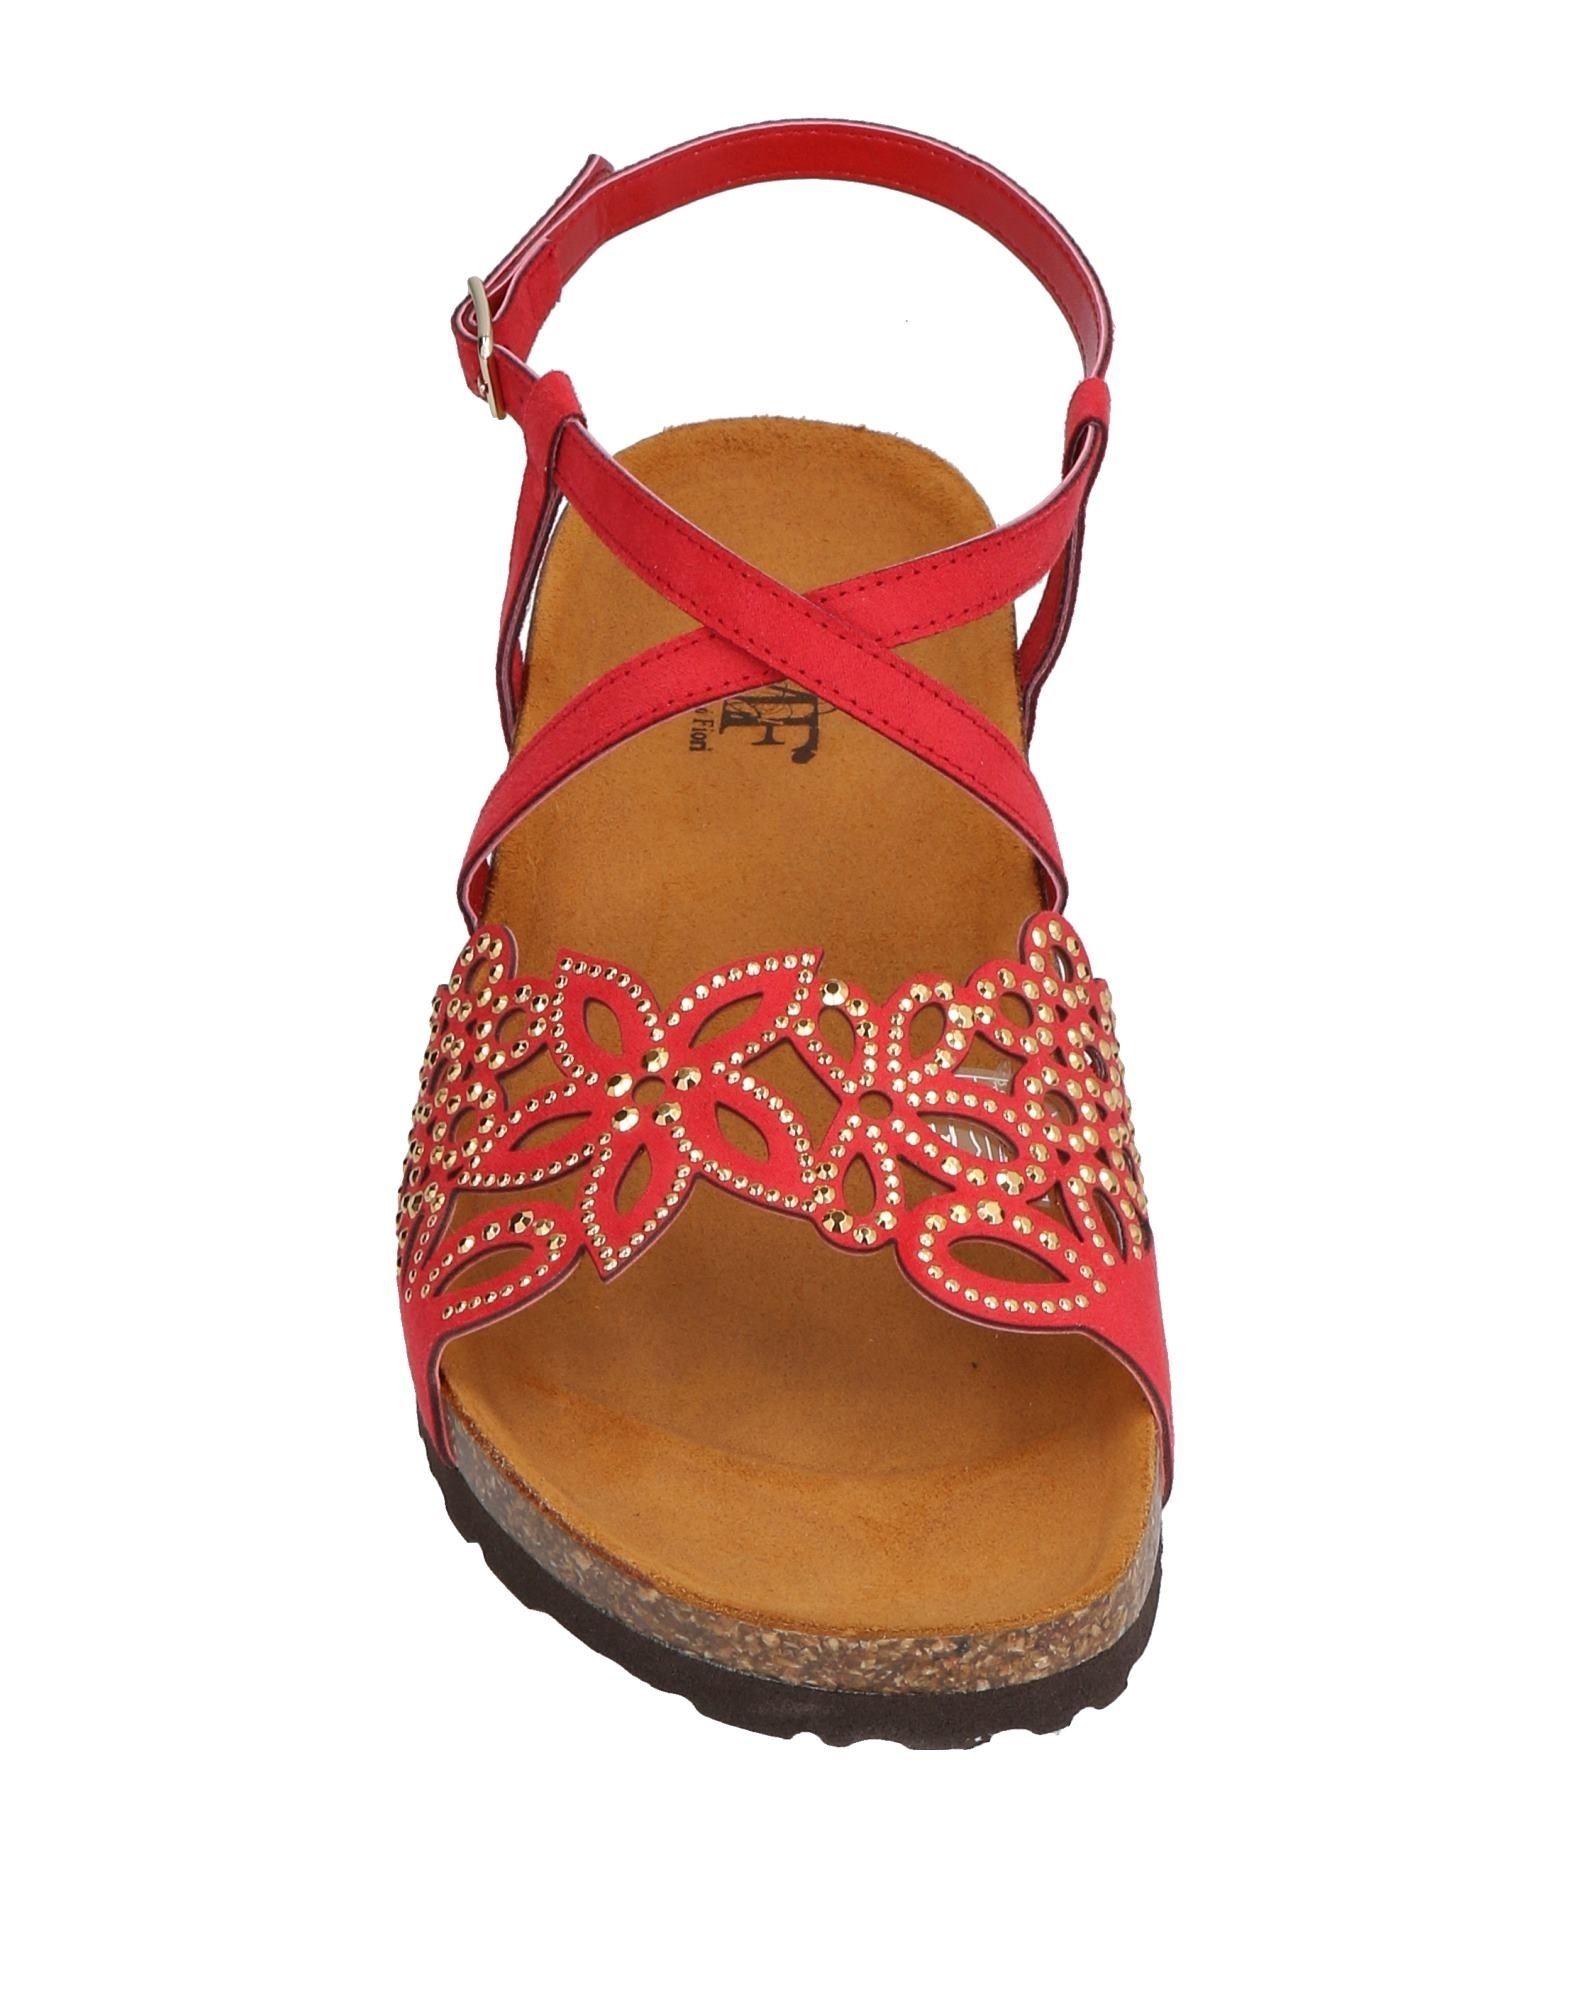 Mercante 11500262SR Di Fiori Sandalen Damen  11500262SR Mercante Gute Qualität beliebte Schuhe 8cbbca